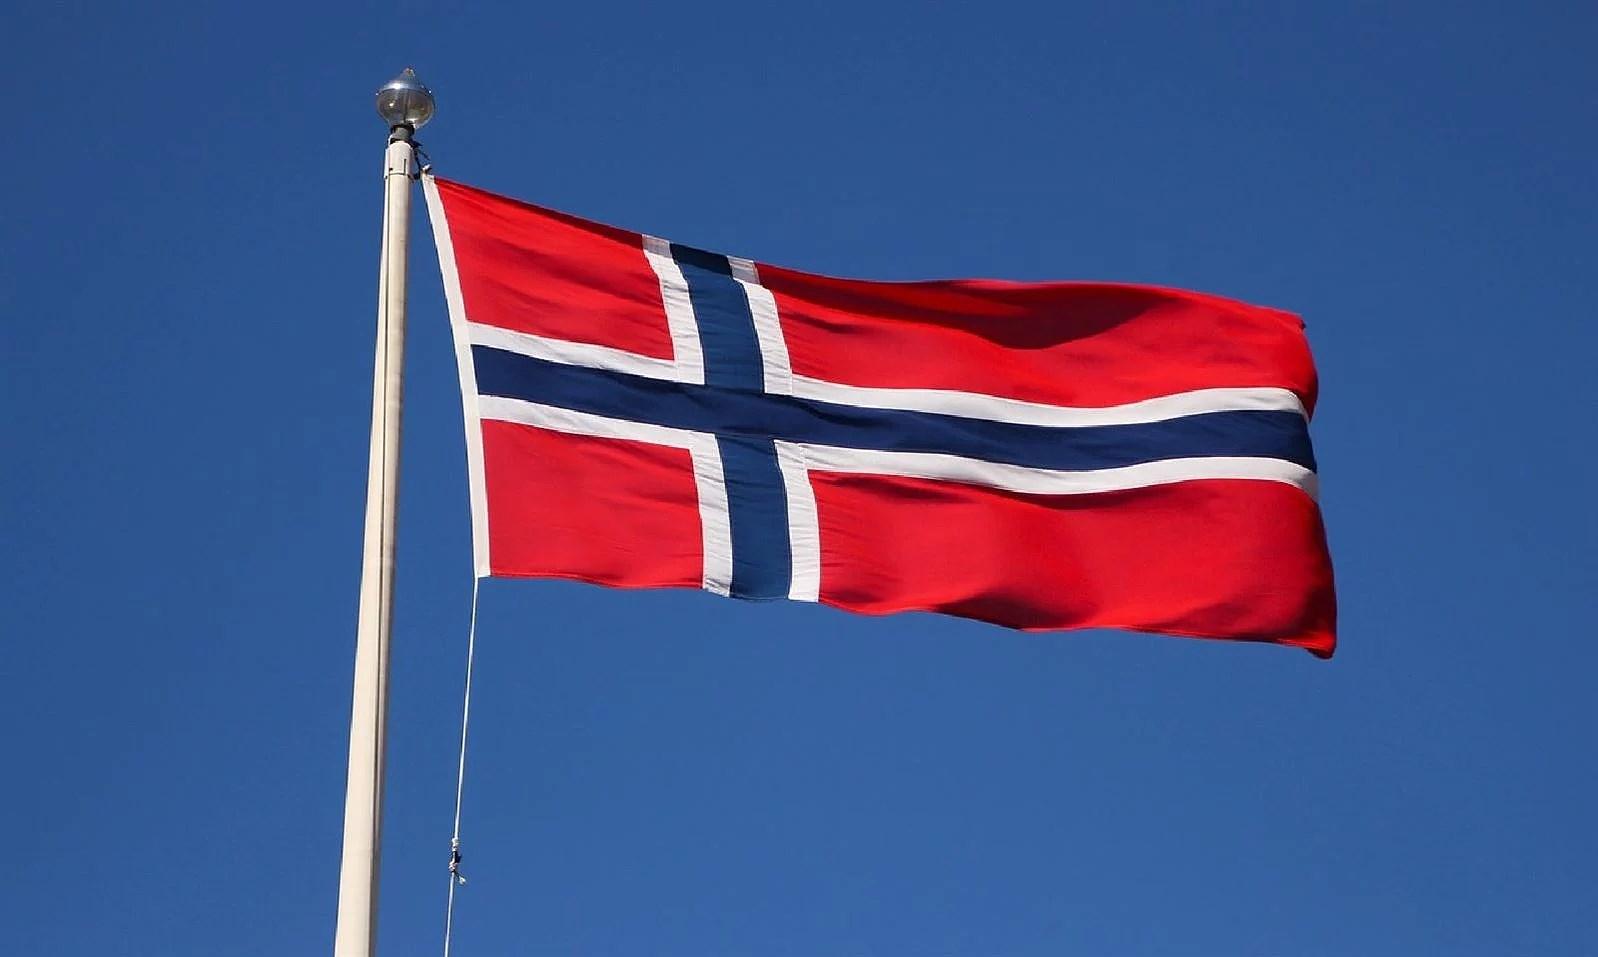 Det er Norge i rødt, hvitt og blått...